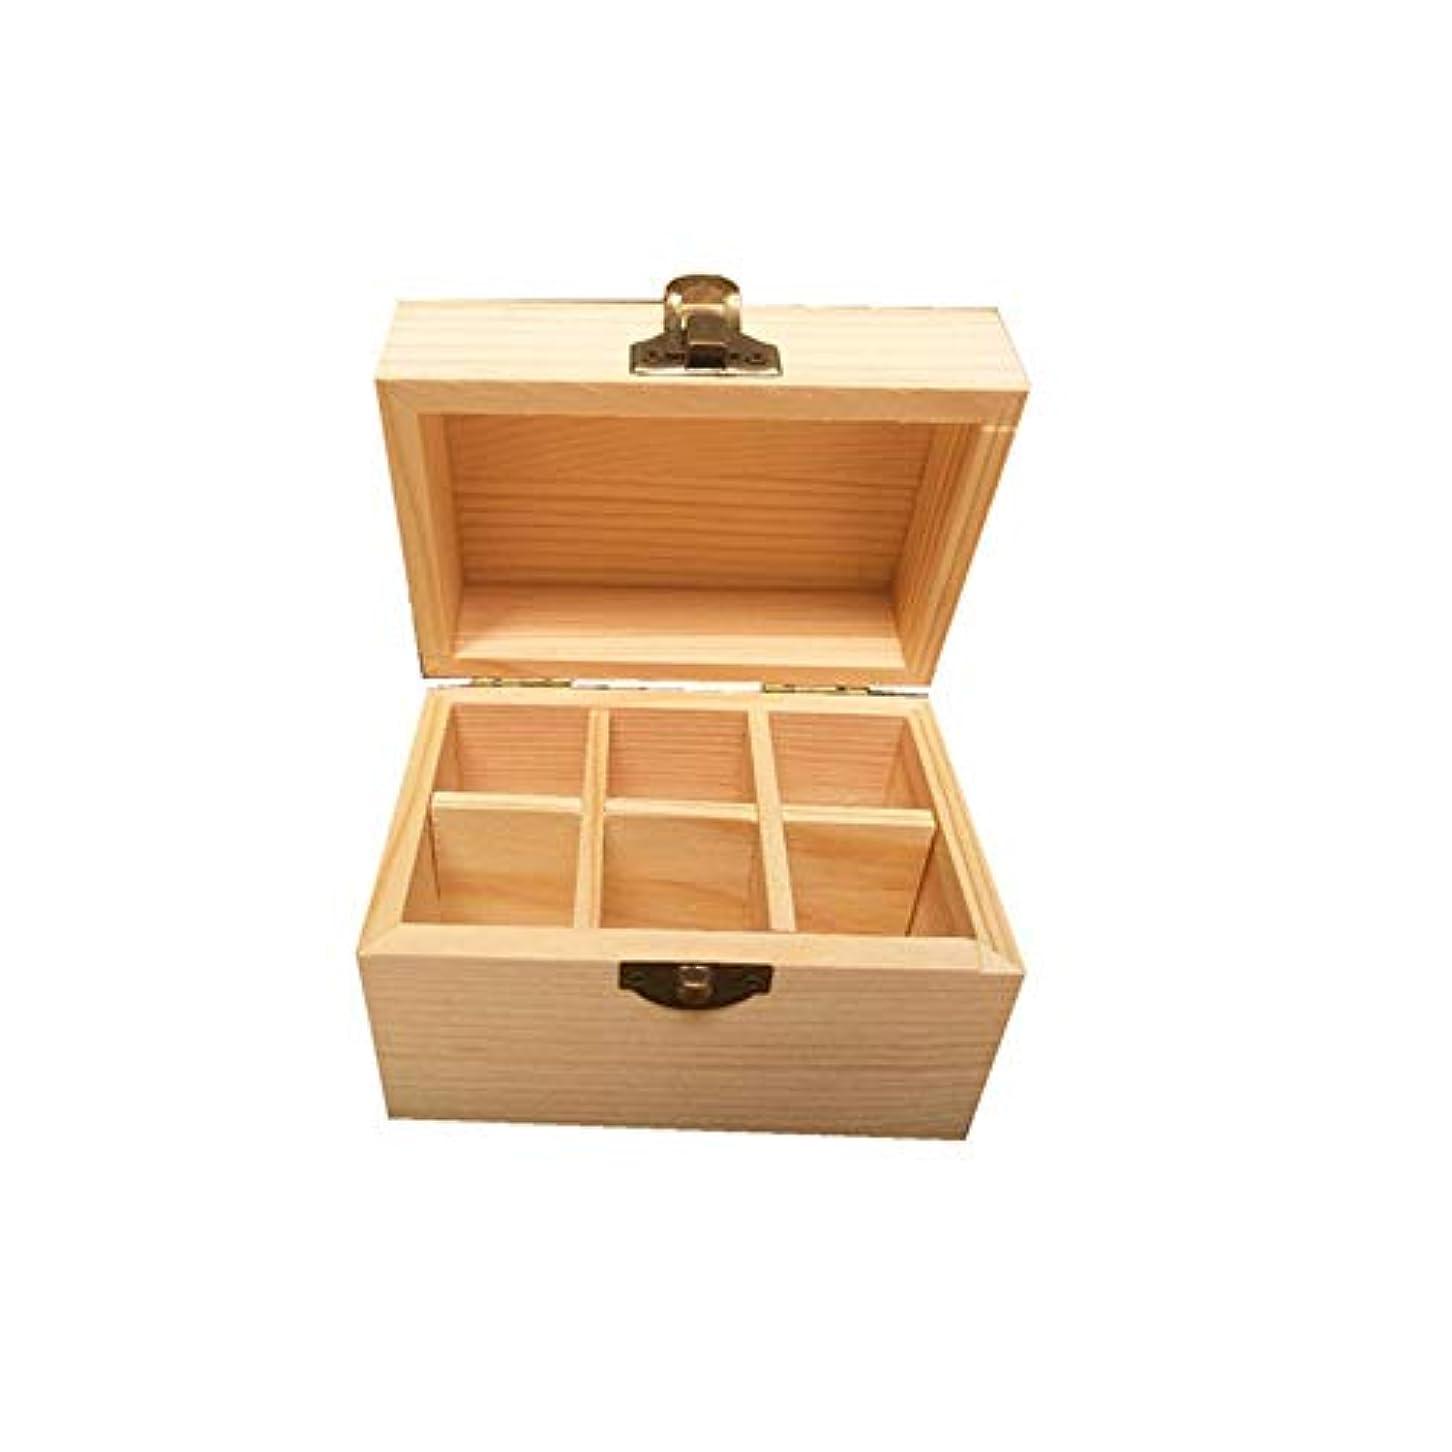 ほのか穏やかなブランクアロマセラピー収納ボックス ウッド精油収納ボックスの6種類は、油があなたの最高のエッセンシャルオイルを披露完璧なケースです エッセンシャルオイル収納ボックス (色 : Natural, サイズ : 12X8X8.5CM)